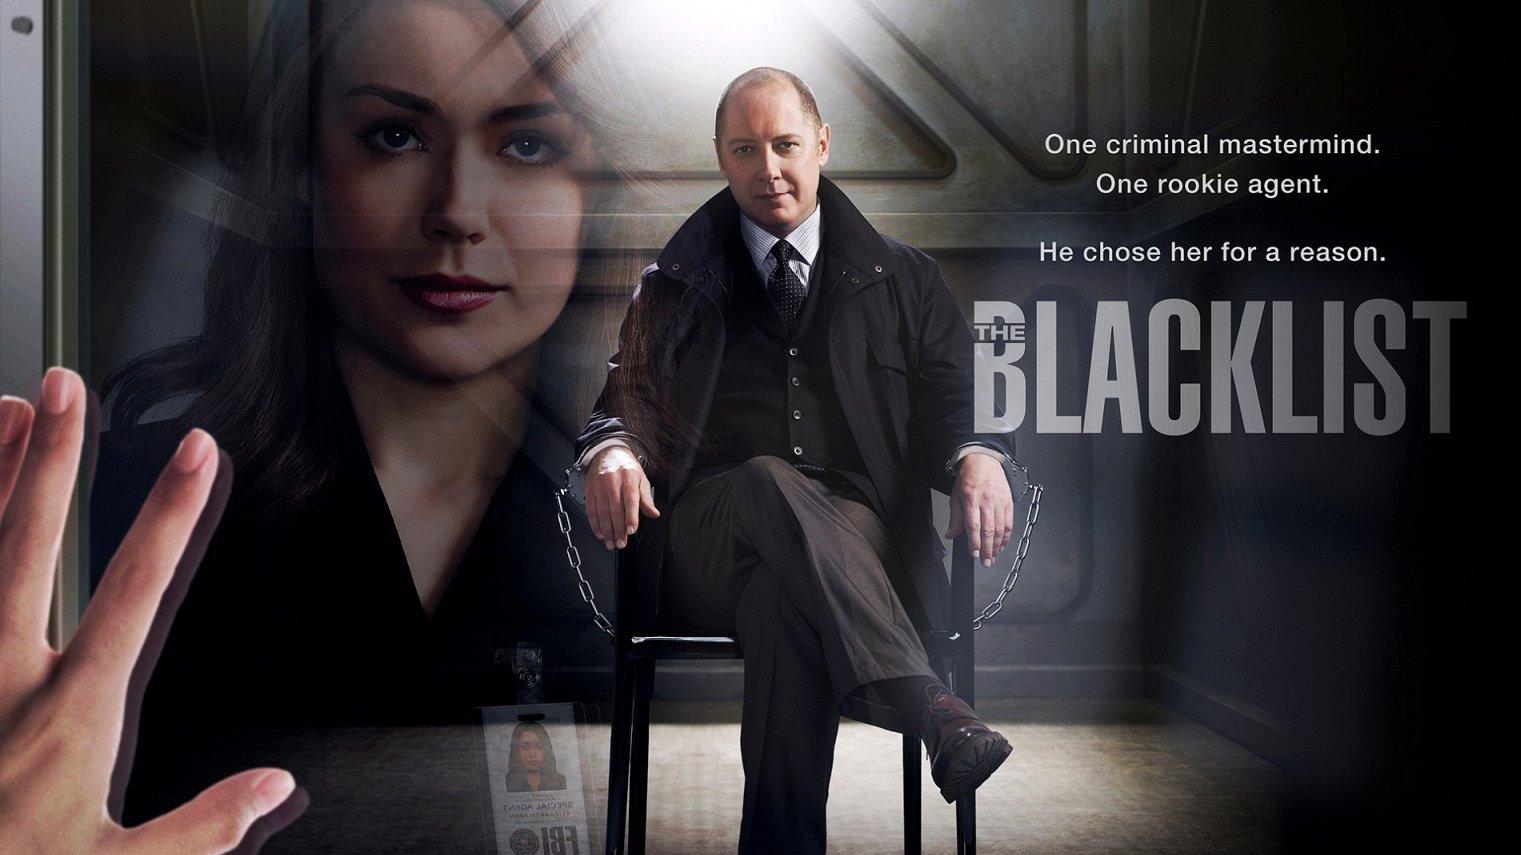 The Blacklist S6 episode 6 watch online